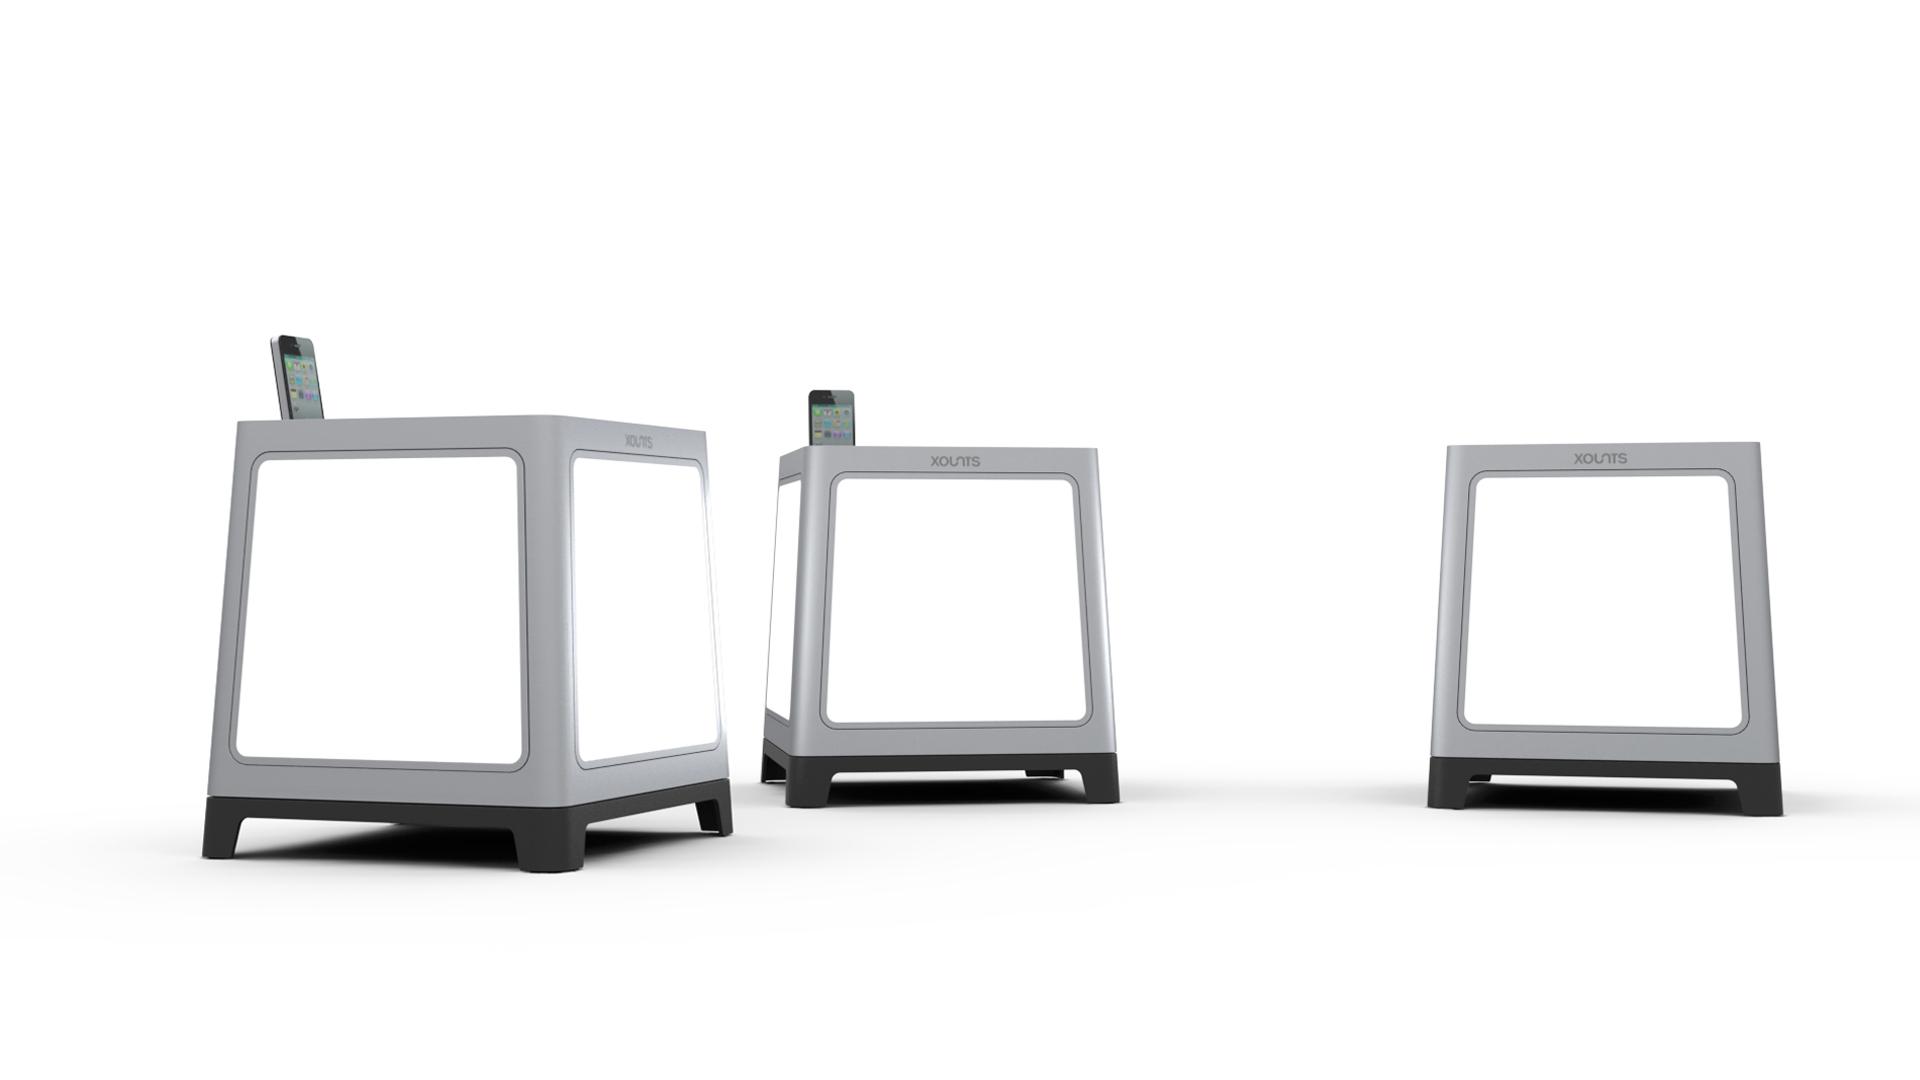 konsumg terdesign schlagheck design konsumg ter. Black Bedroom Furniture Sets. Home Design Ideas